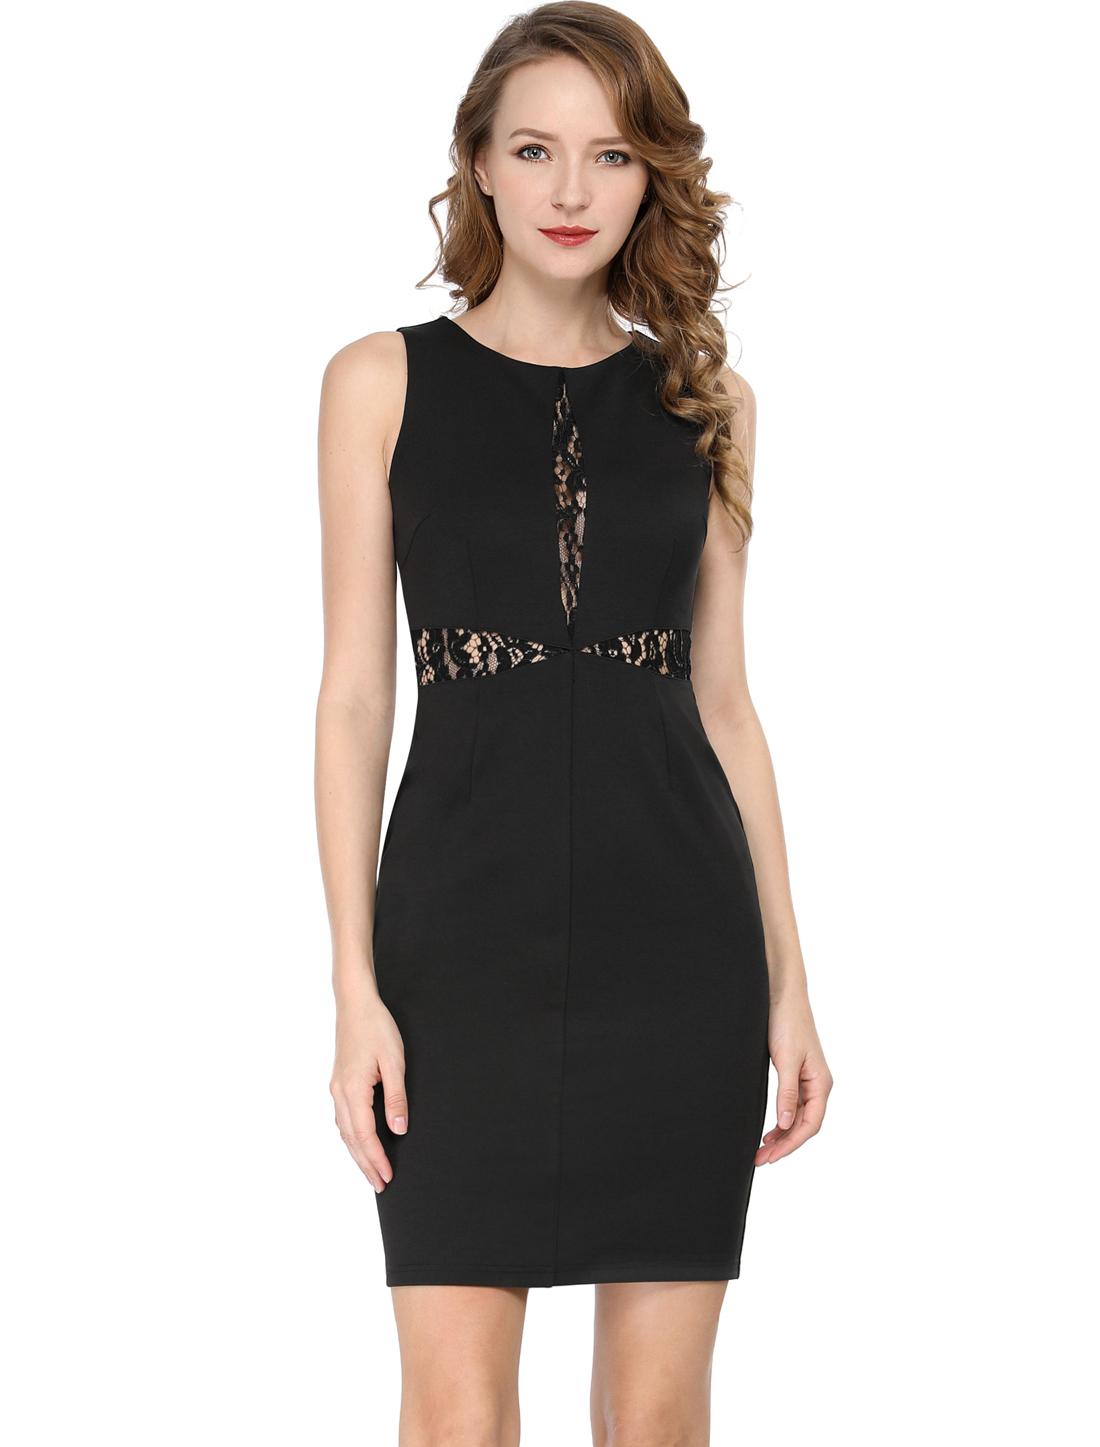 Allegra K Lace Front Cocktail Above Knee Little Black Dress Black L (US 14)